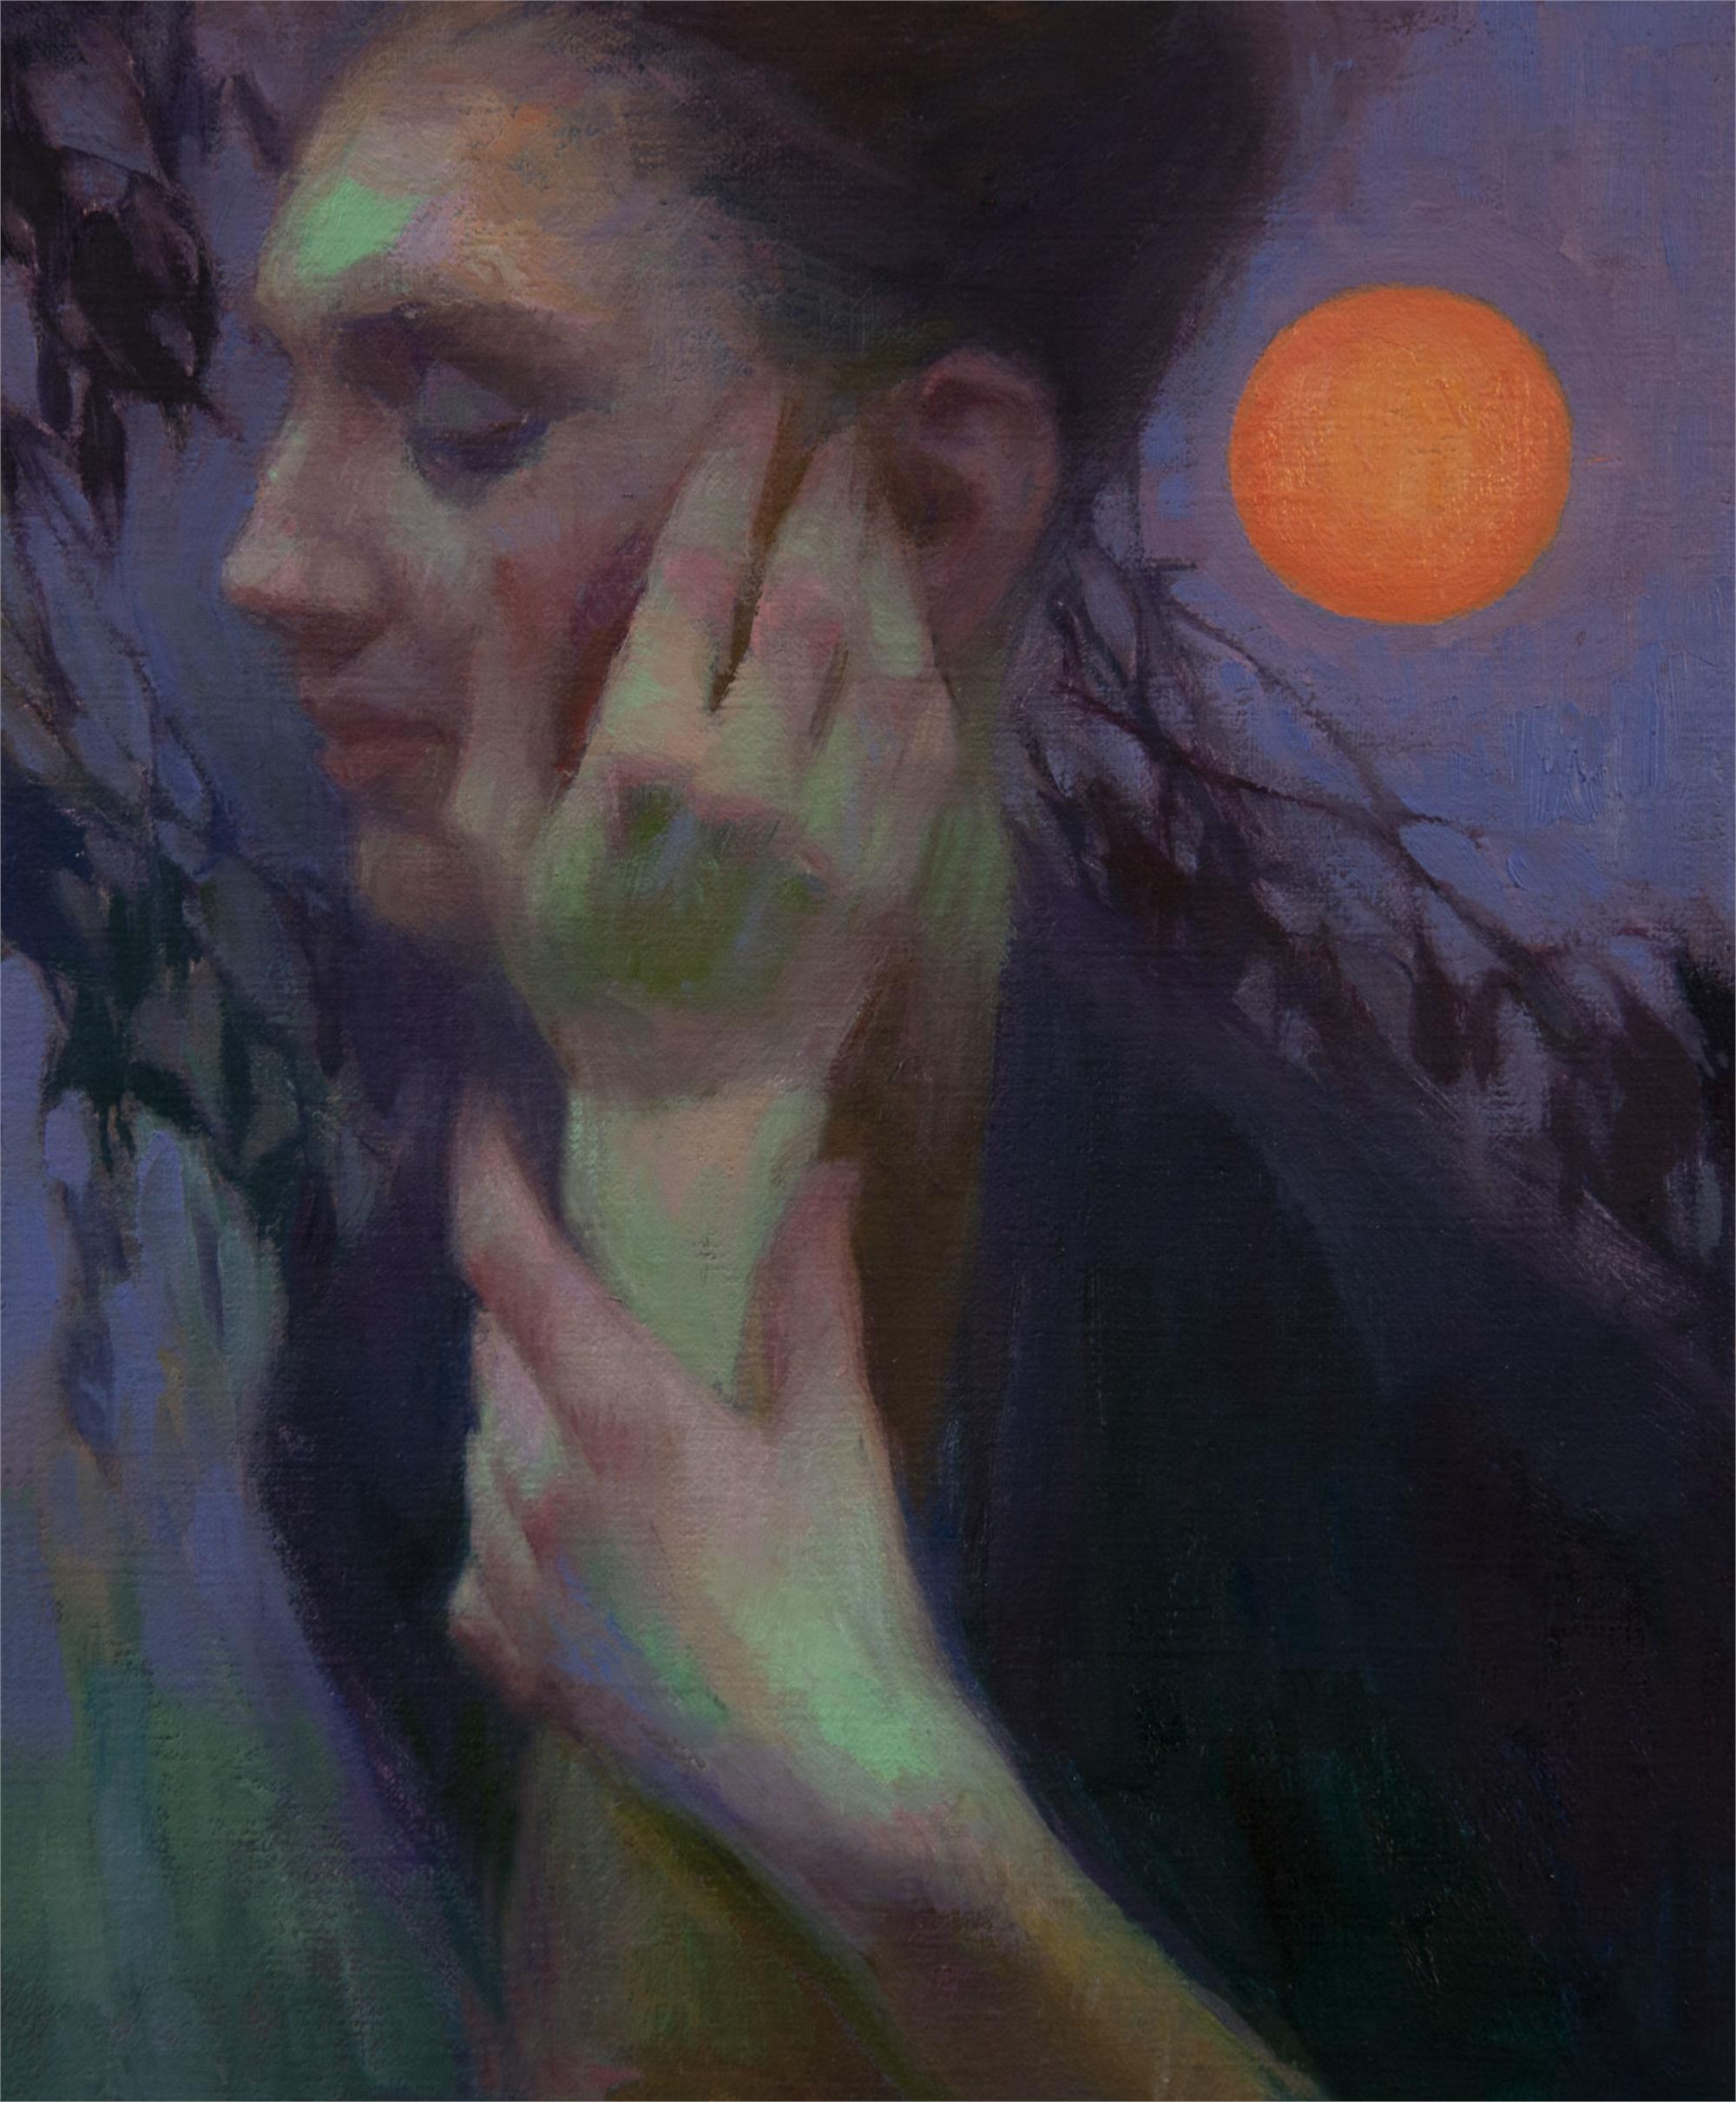 Strawberry Moon by Adrienne Stein